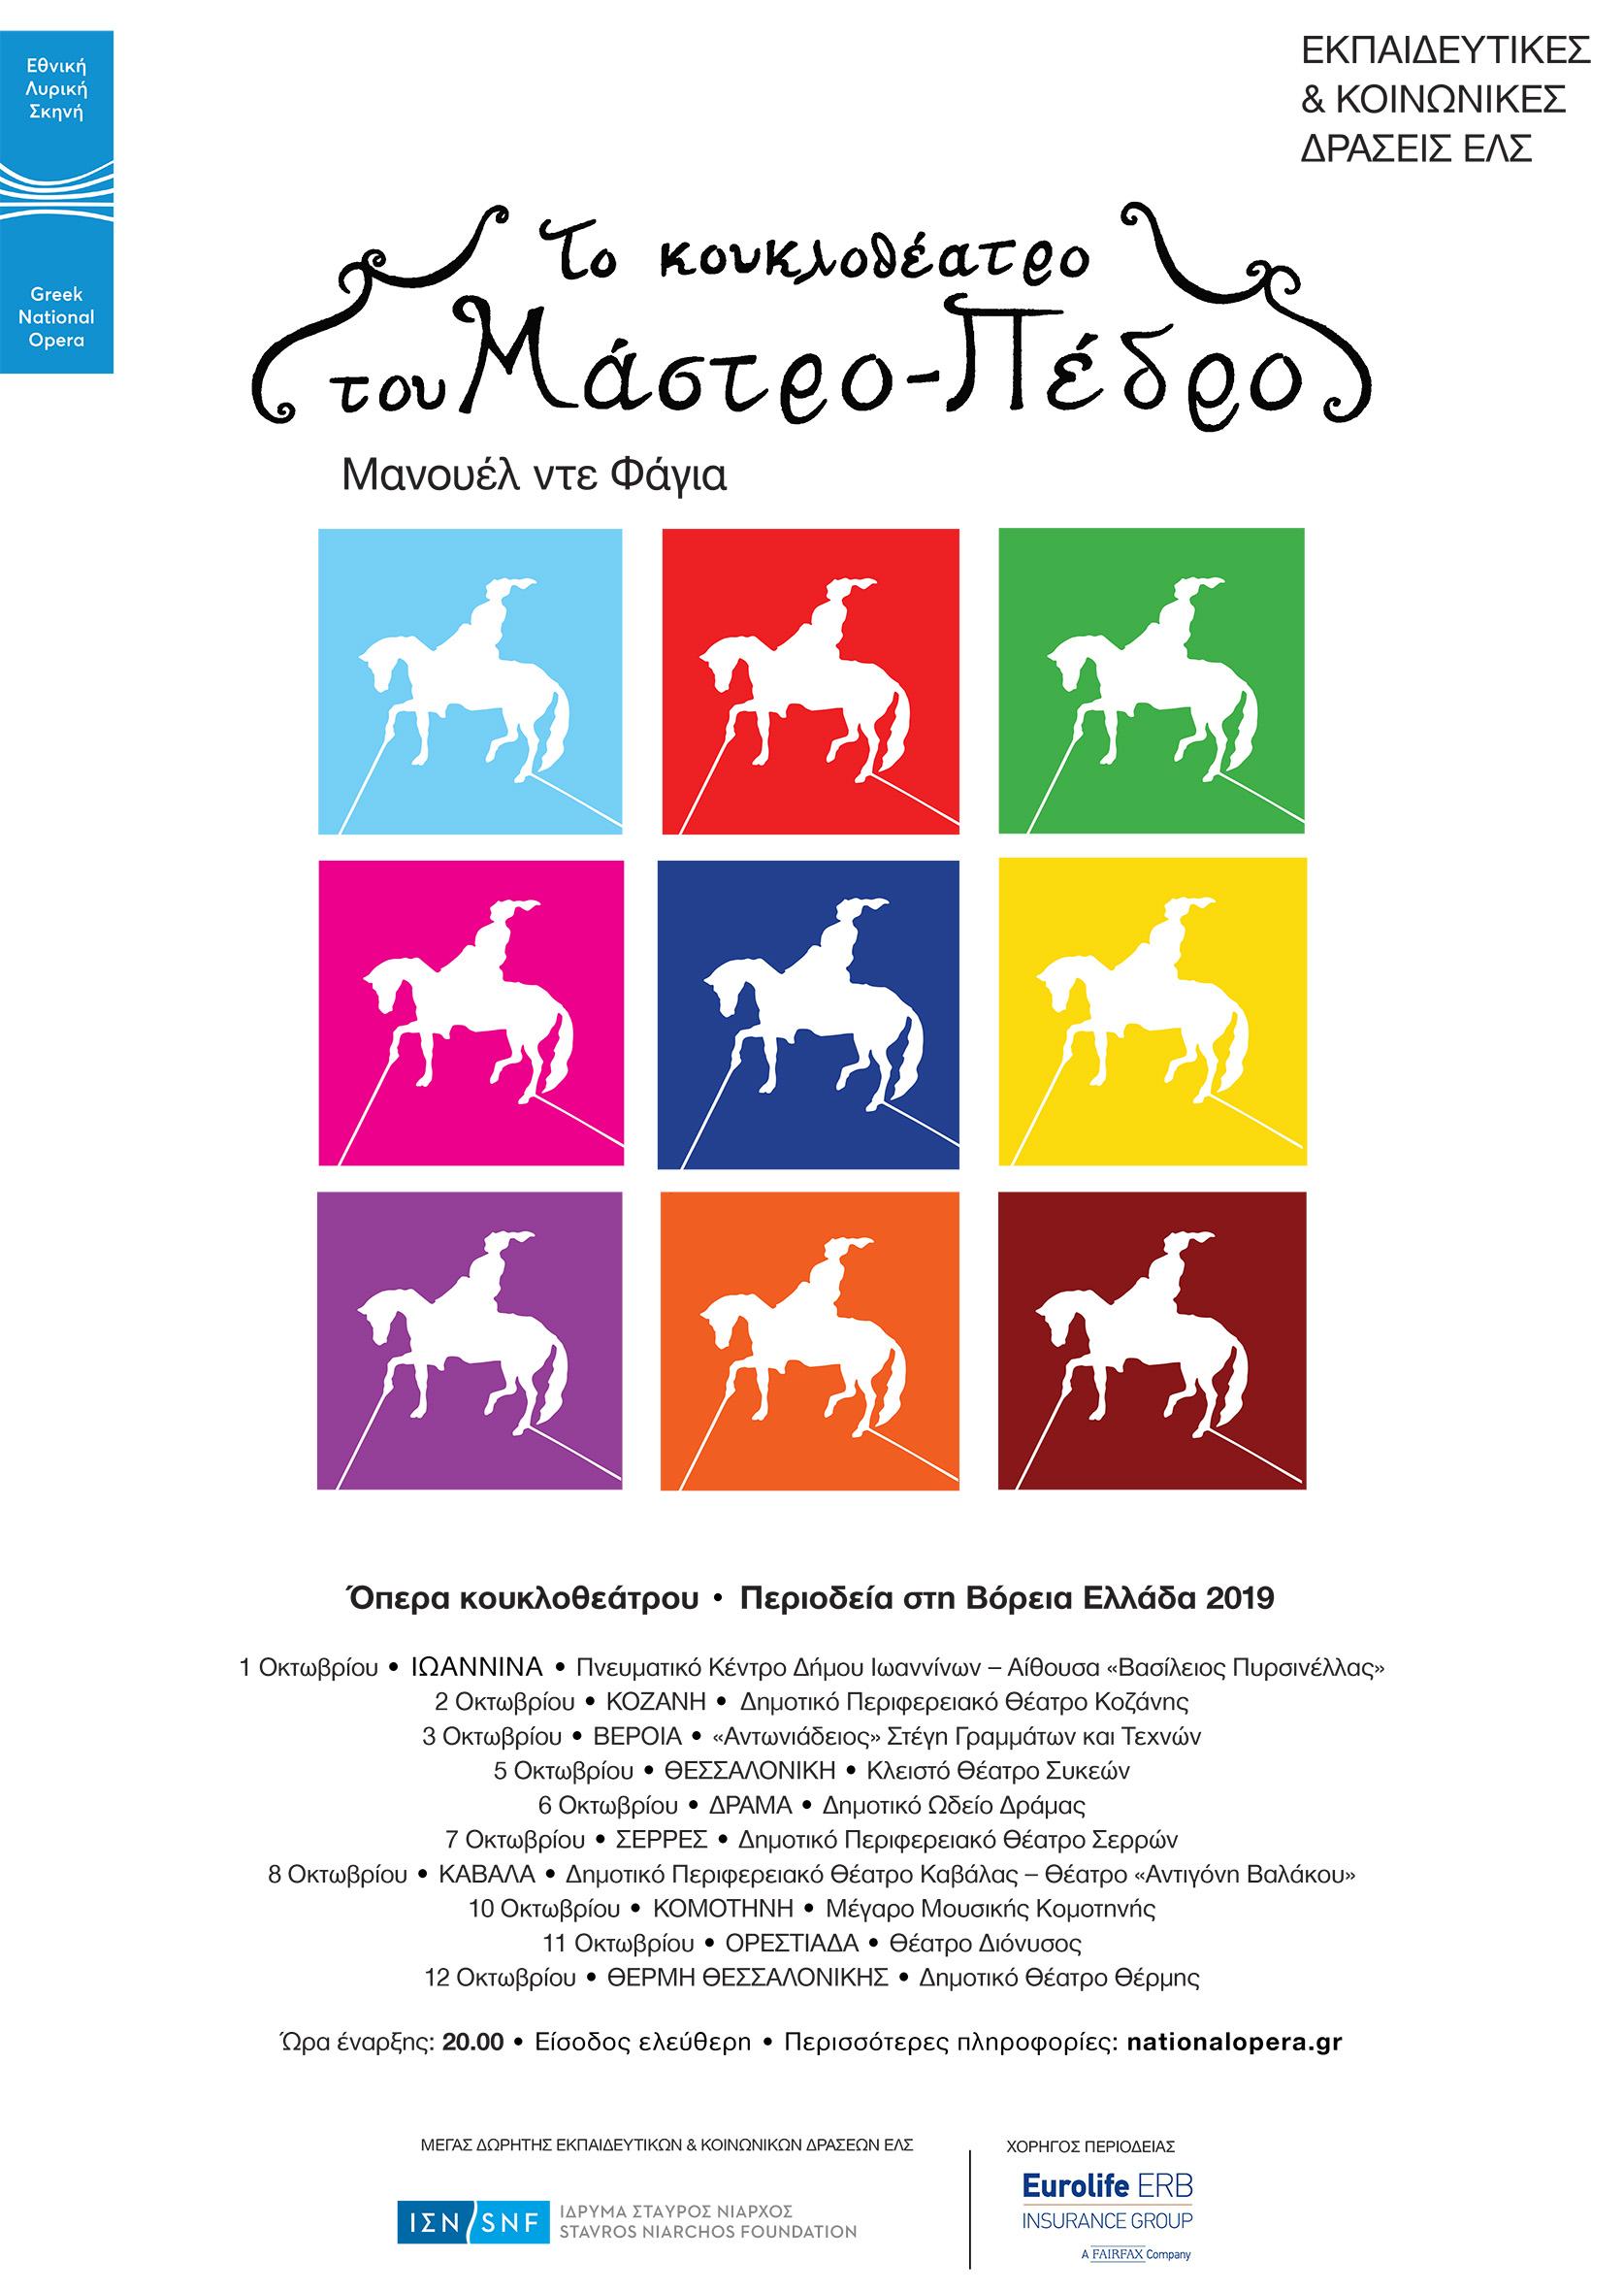 EurolifeERB GNO Tour